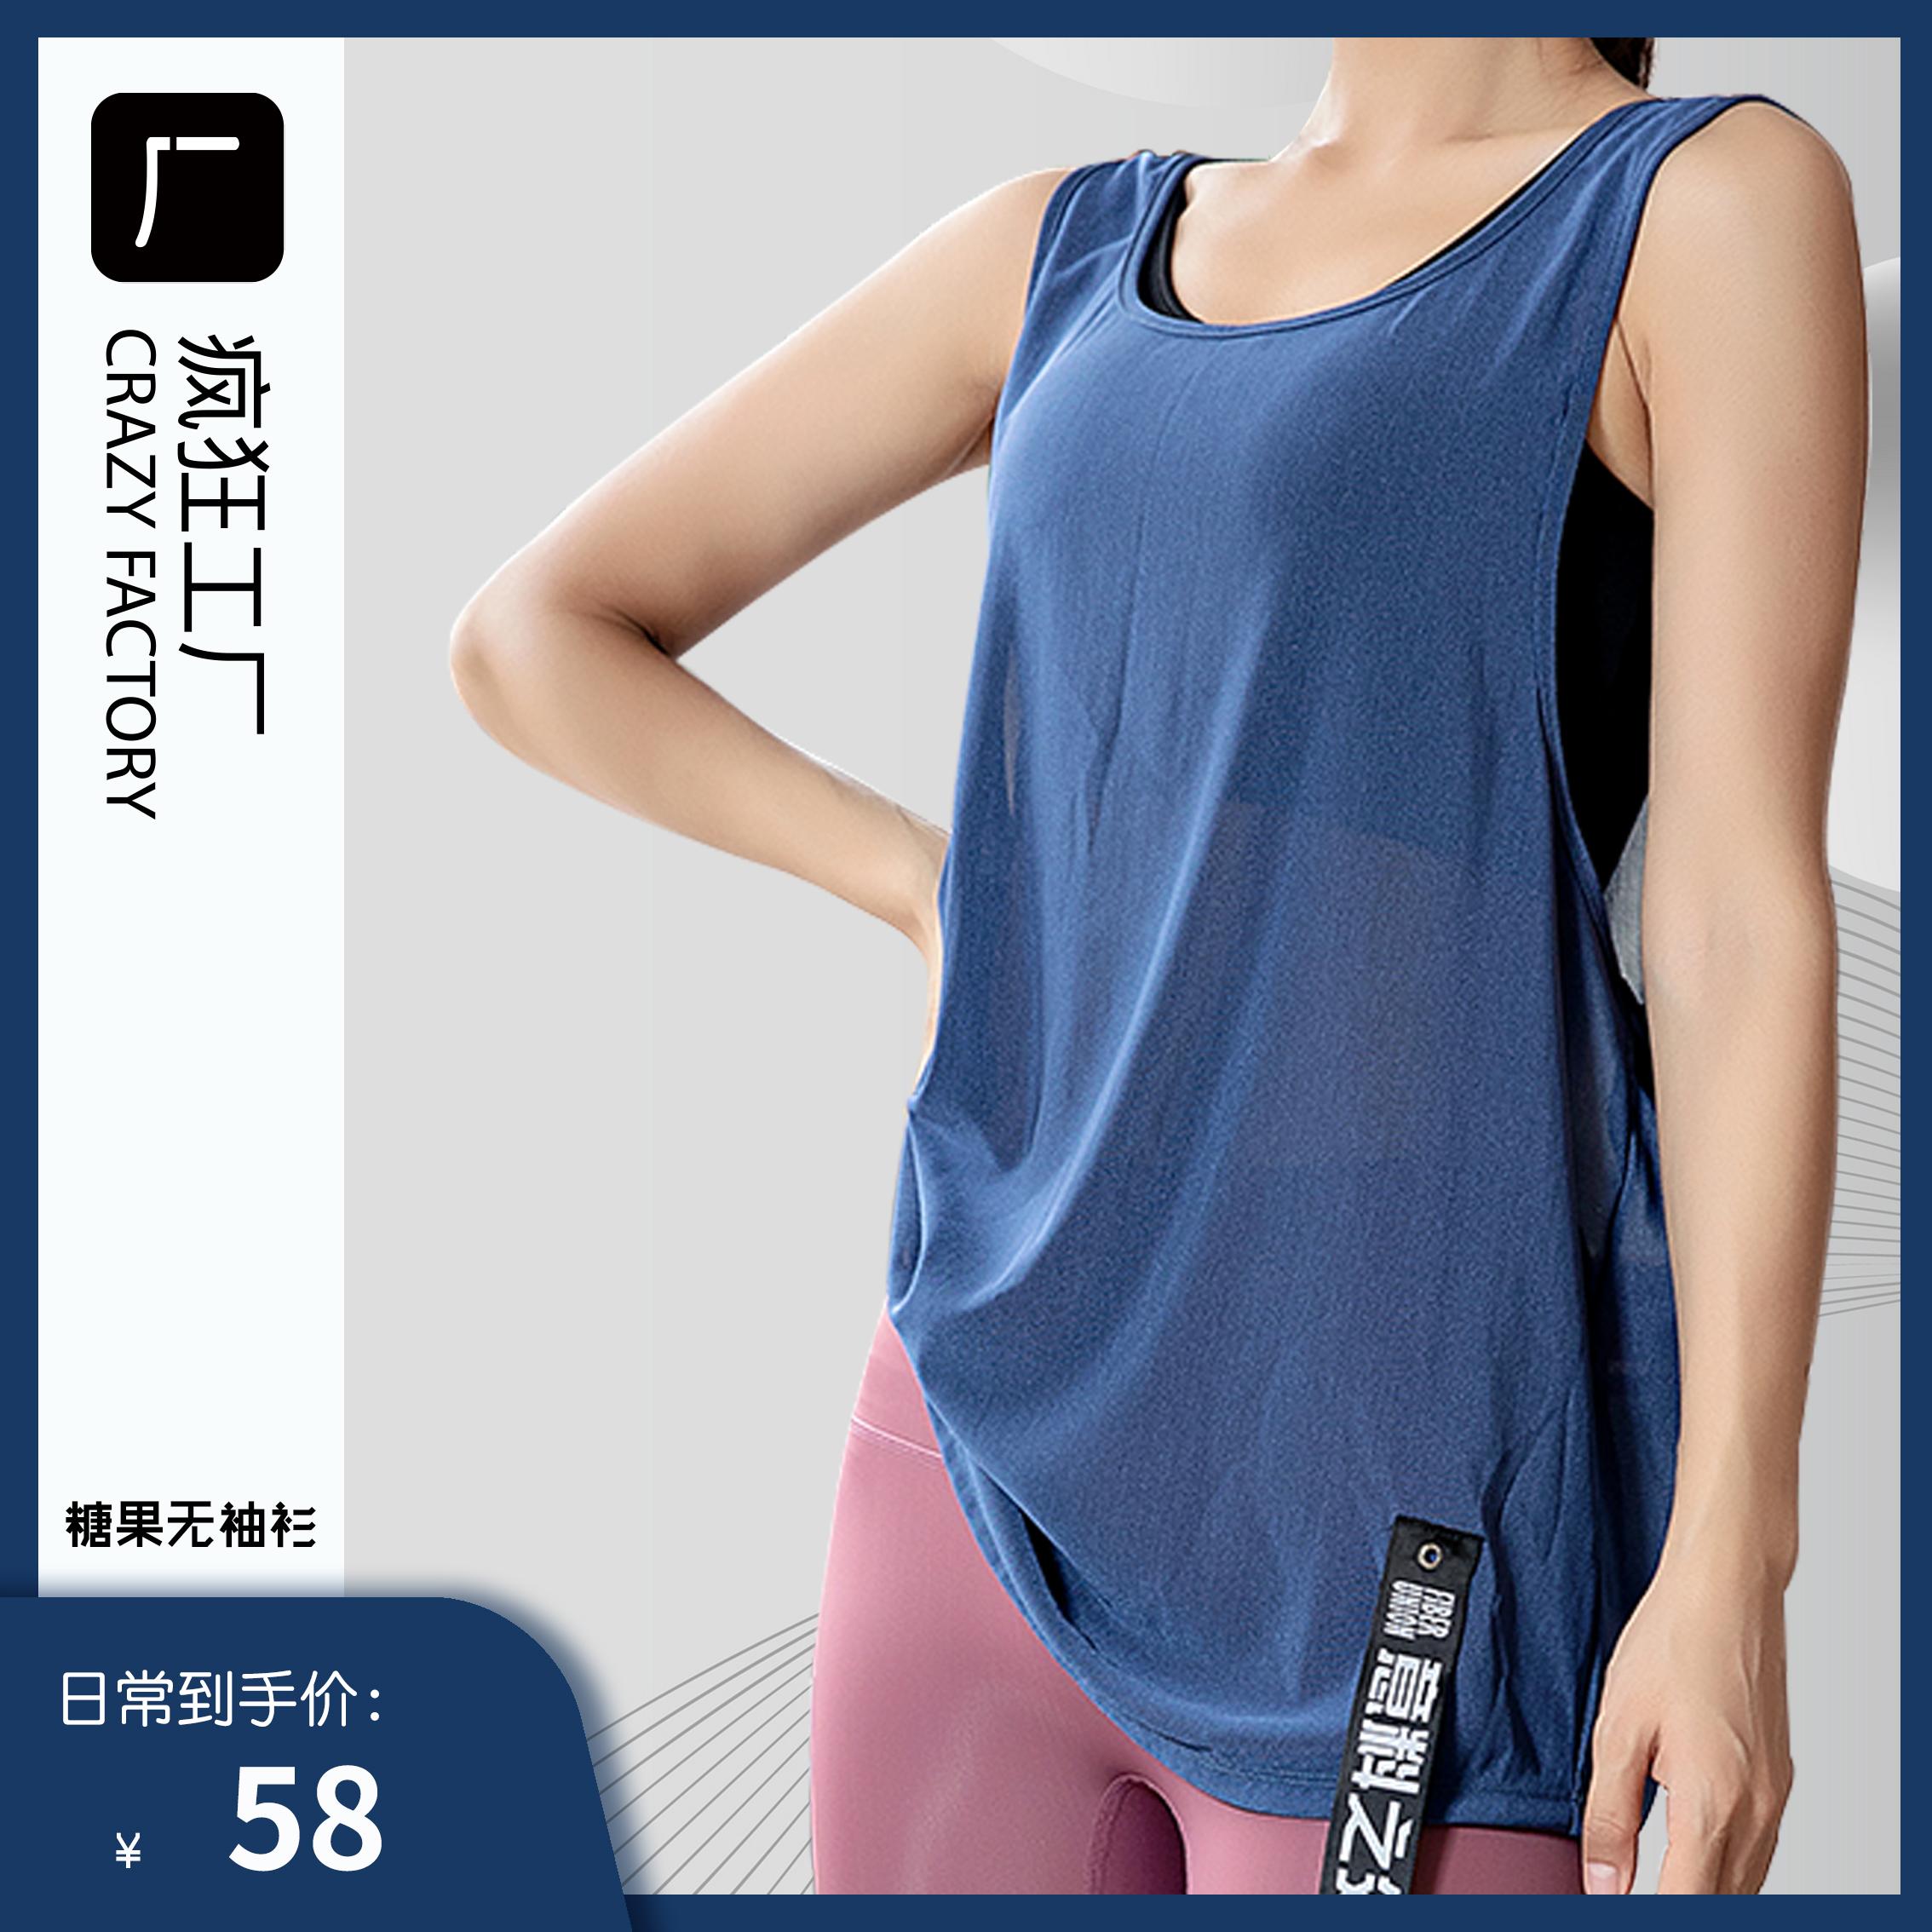 吊带背心内搭糖果色无袖T恤户外运动宽松速干打底衫女健身休闲用